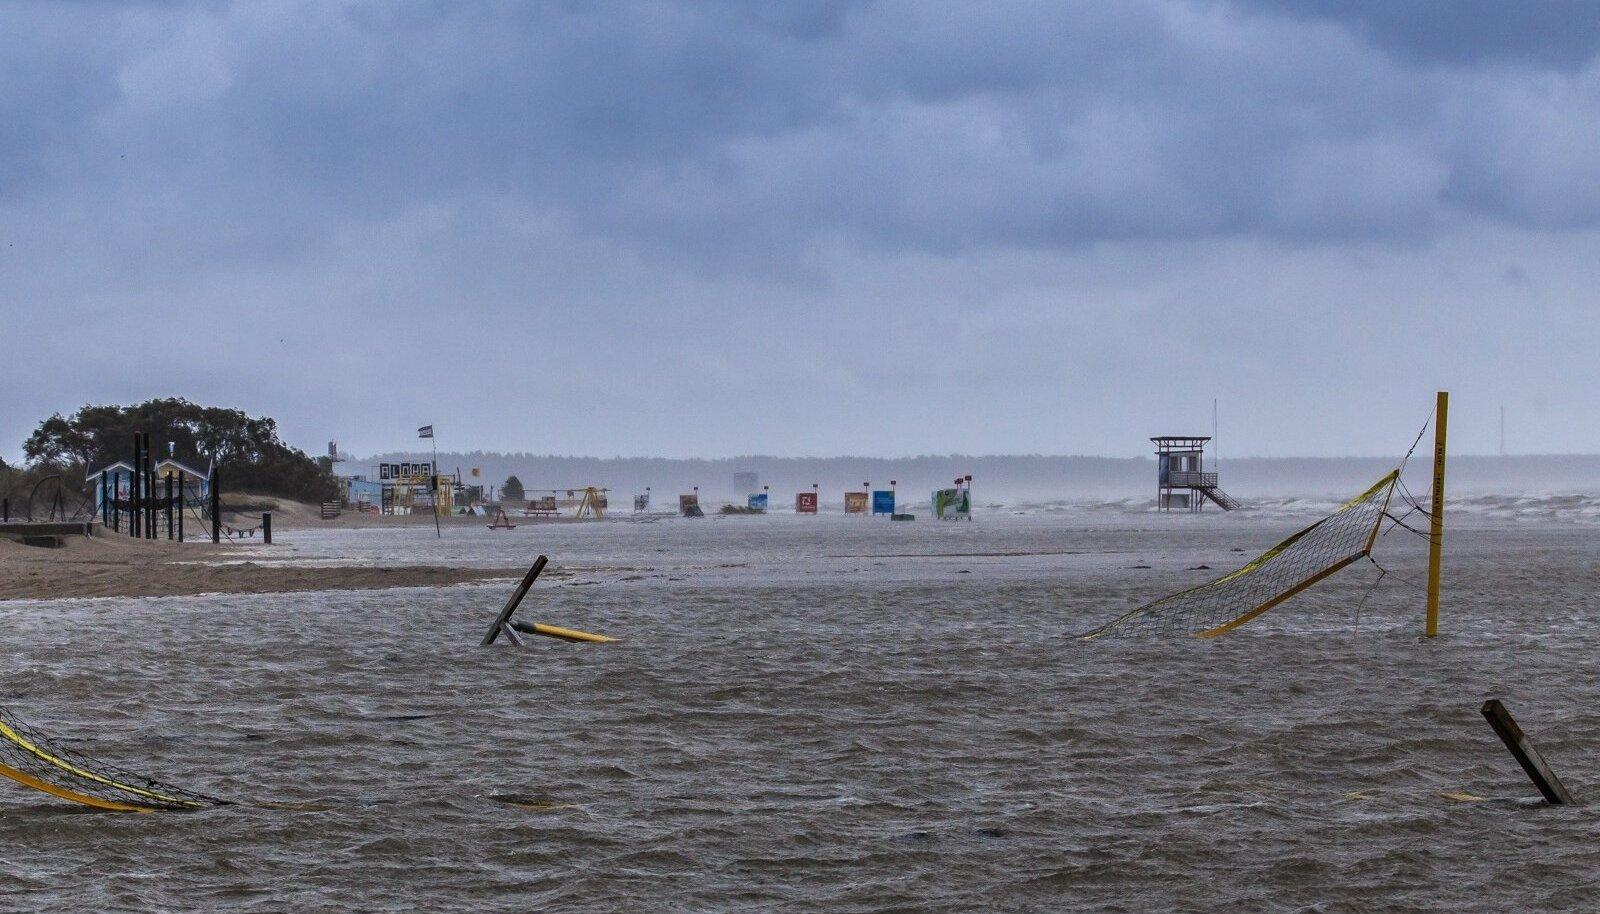 Sügistorm Pärnu rannas 26. septembril 2018.